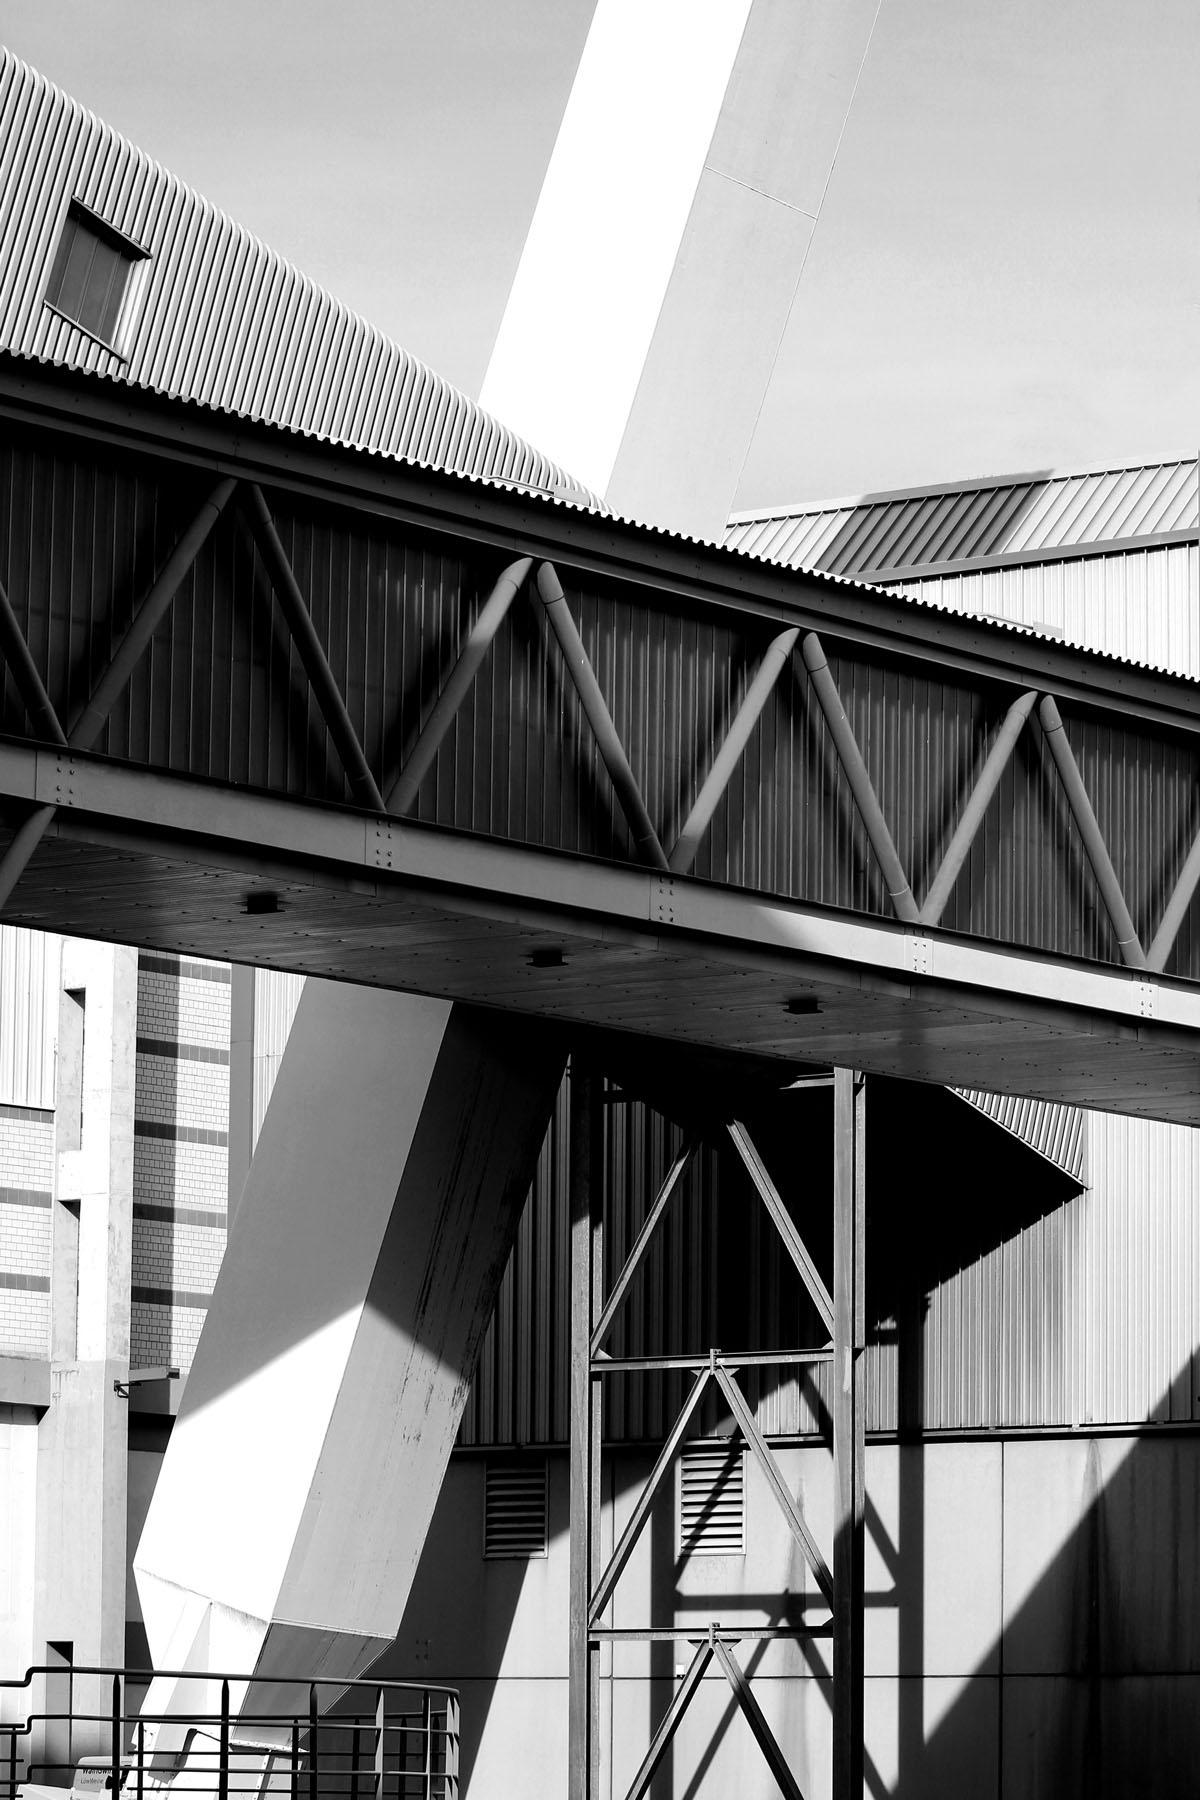 Industrielle Architektur